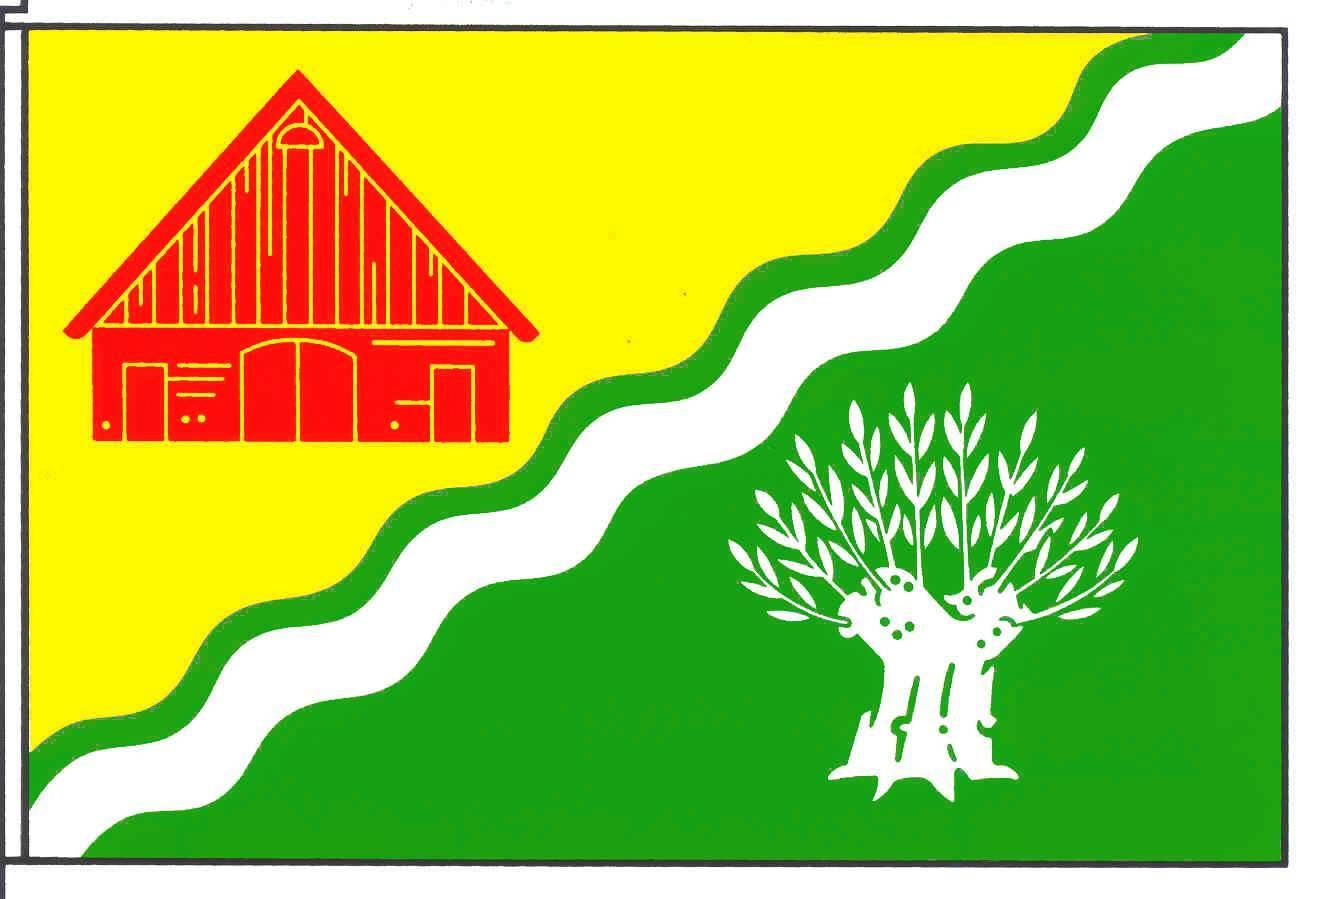 Flagge GemeindeNeuendeich, Kreis Pinneberg